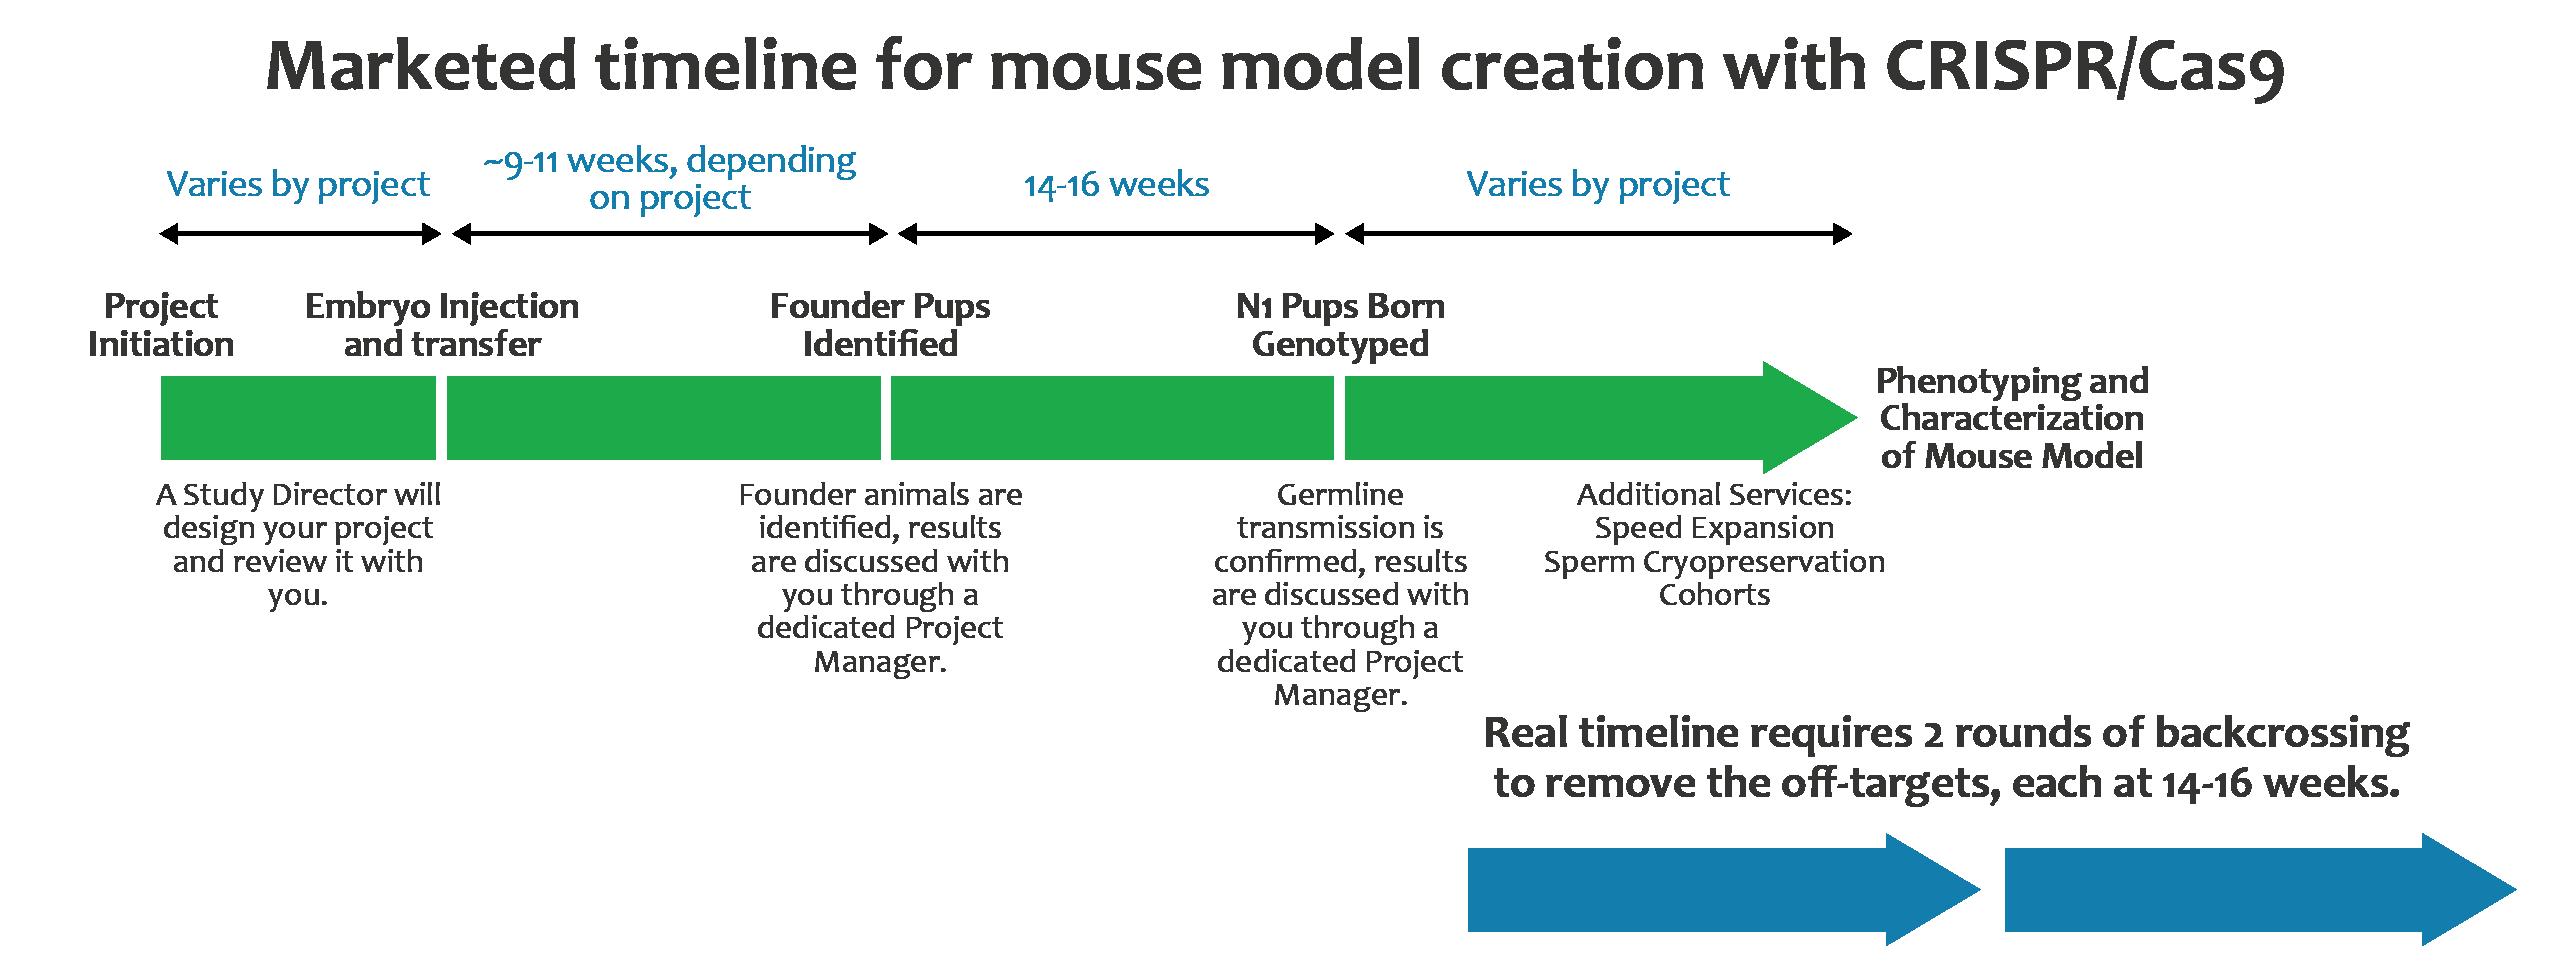 Hera BioLabs - Animal Model Creation